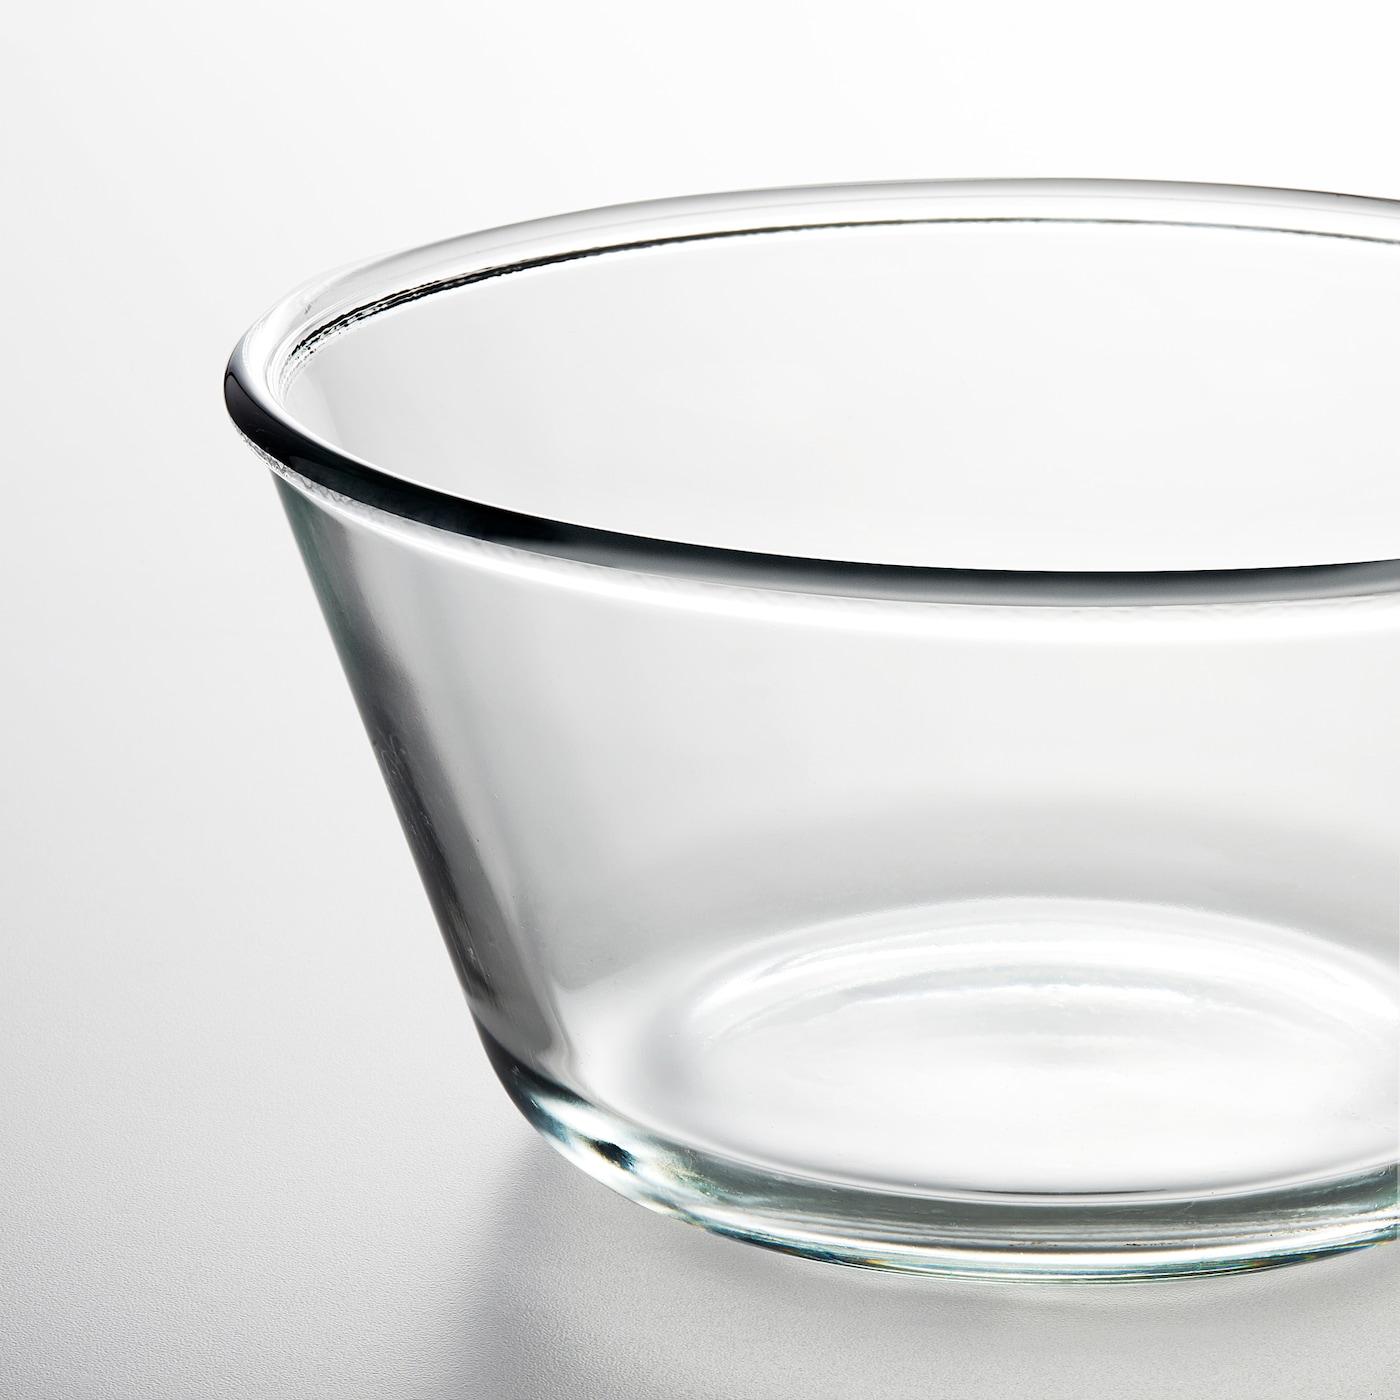 VARDAGEN Serveringsbolle, klart glass, 20 cm